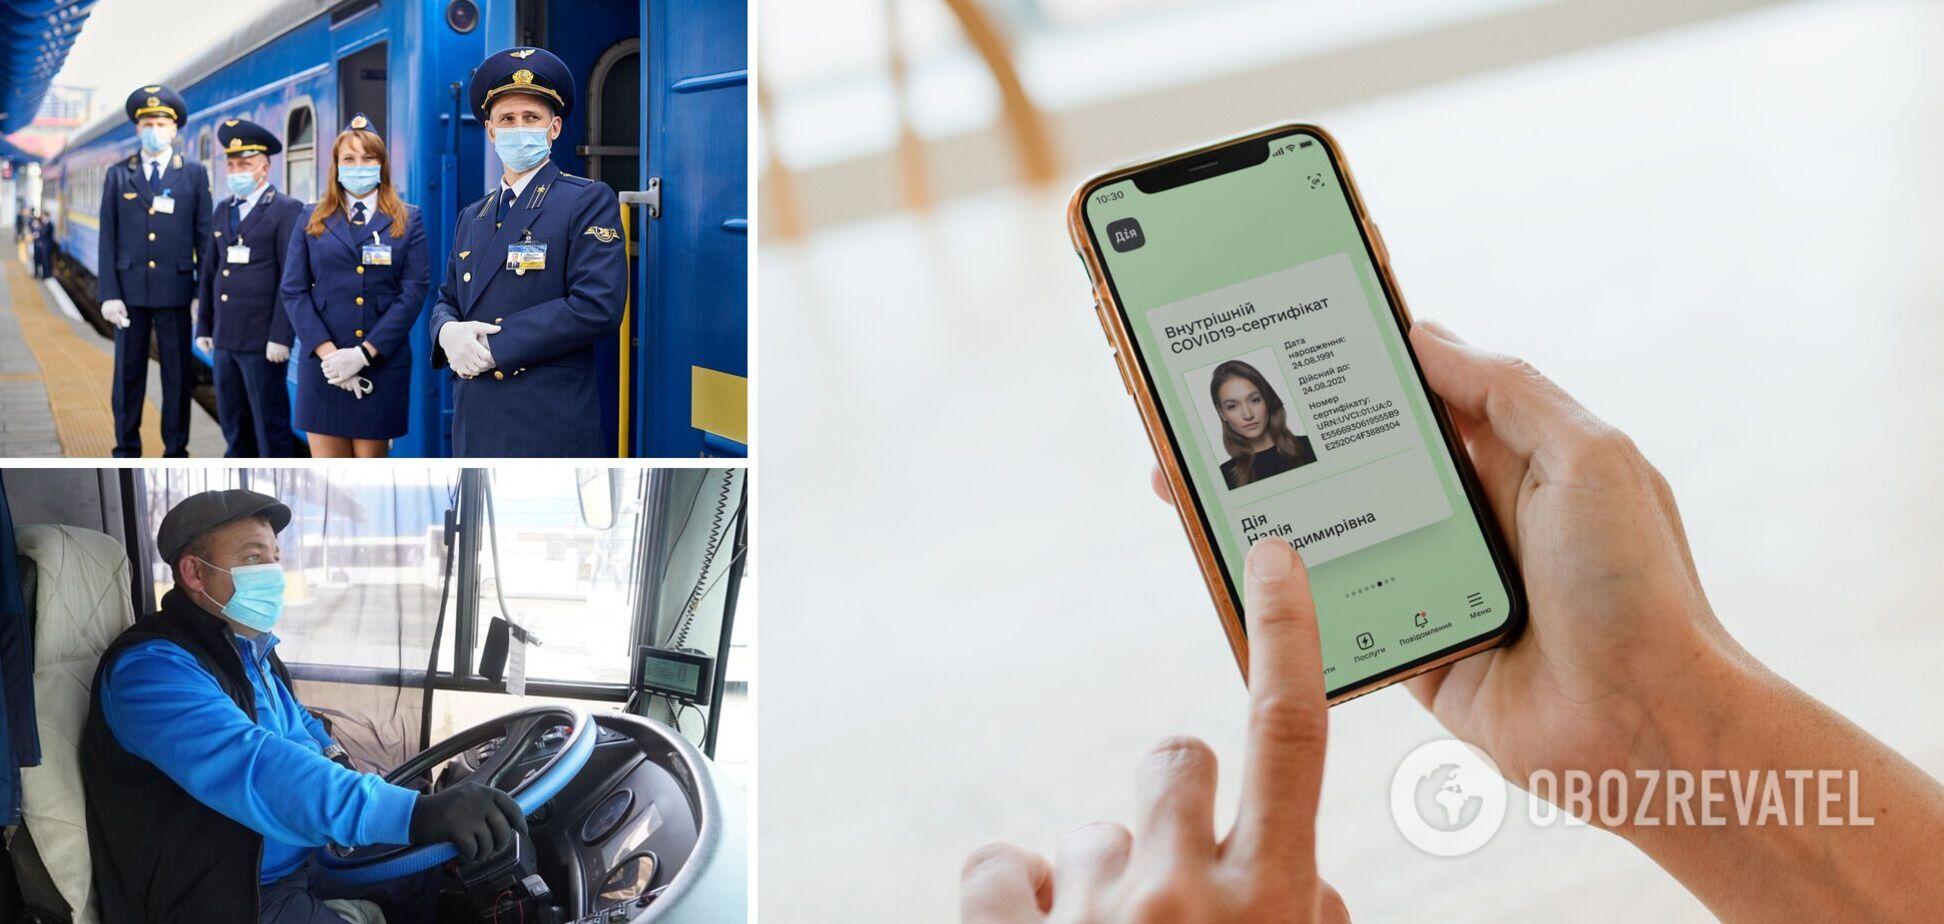 Теперь от пассажиров общественного транспорта будут требовать COVID-сертификаты